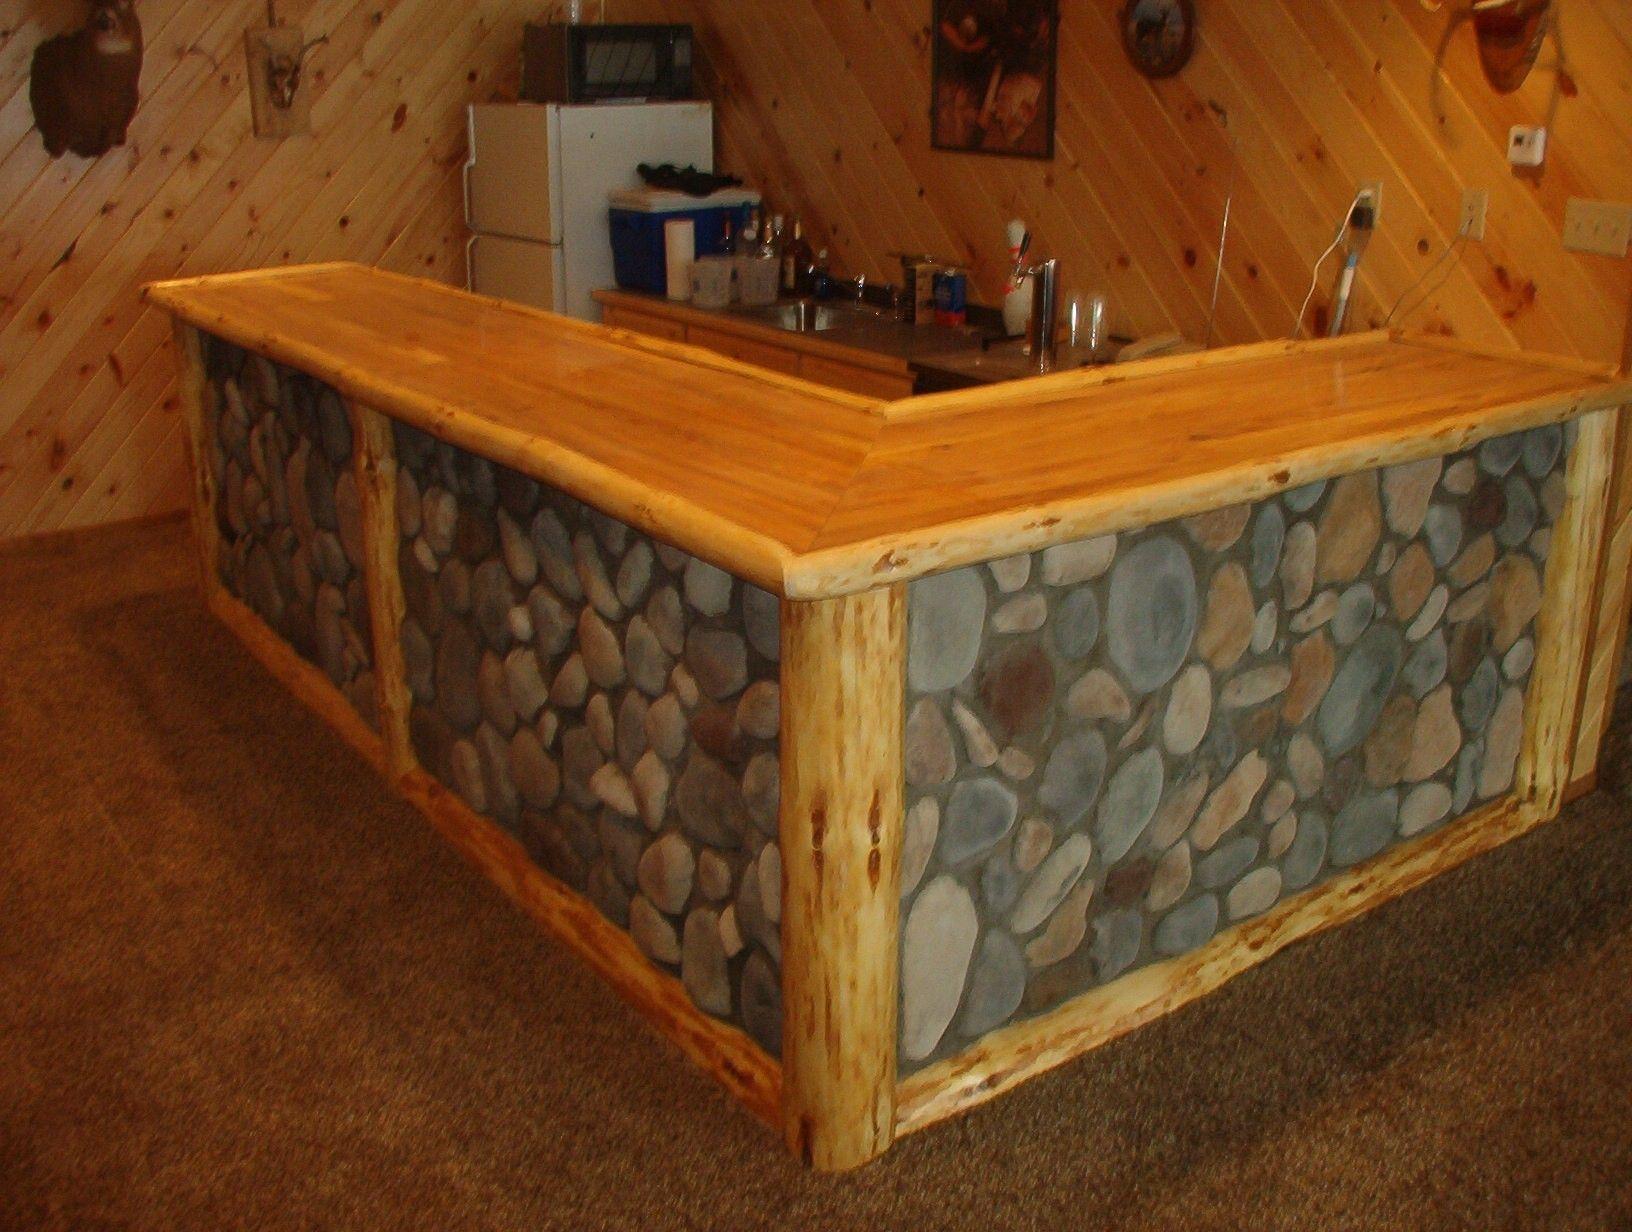 finished basement bar | building my basement bar - Woodworking Talk ...